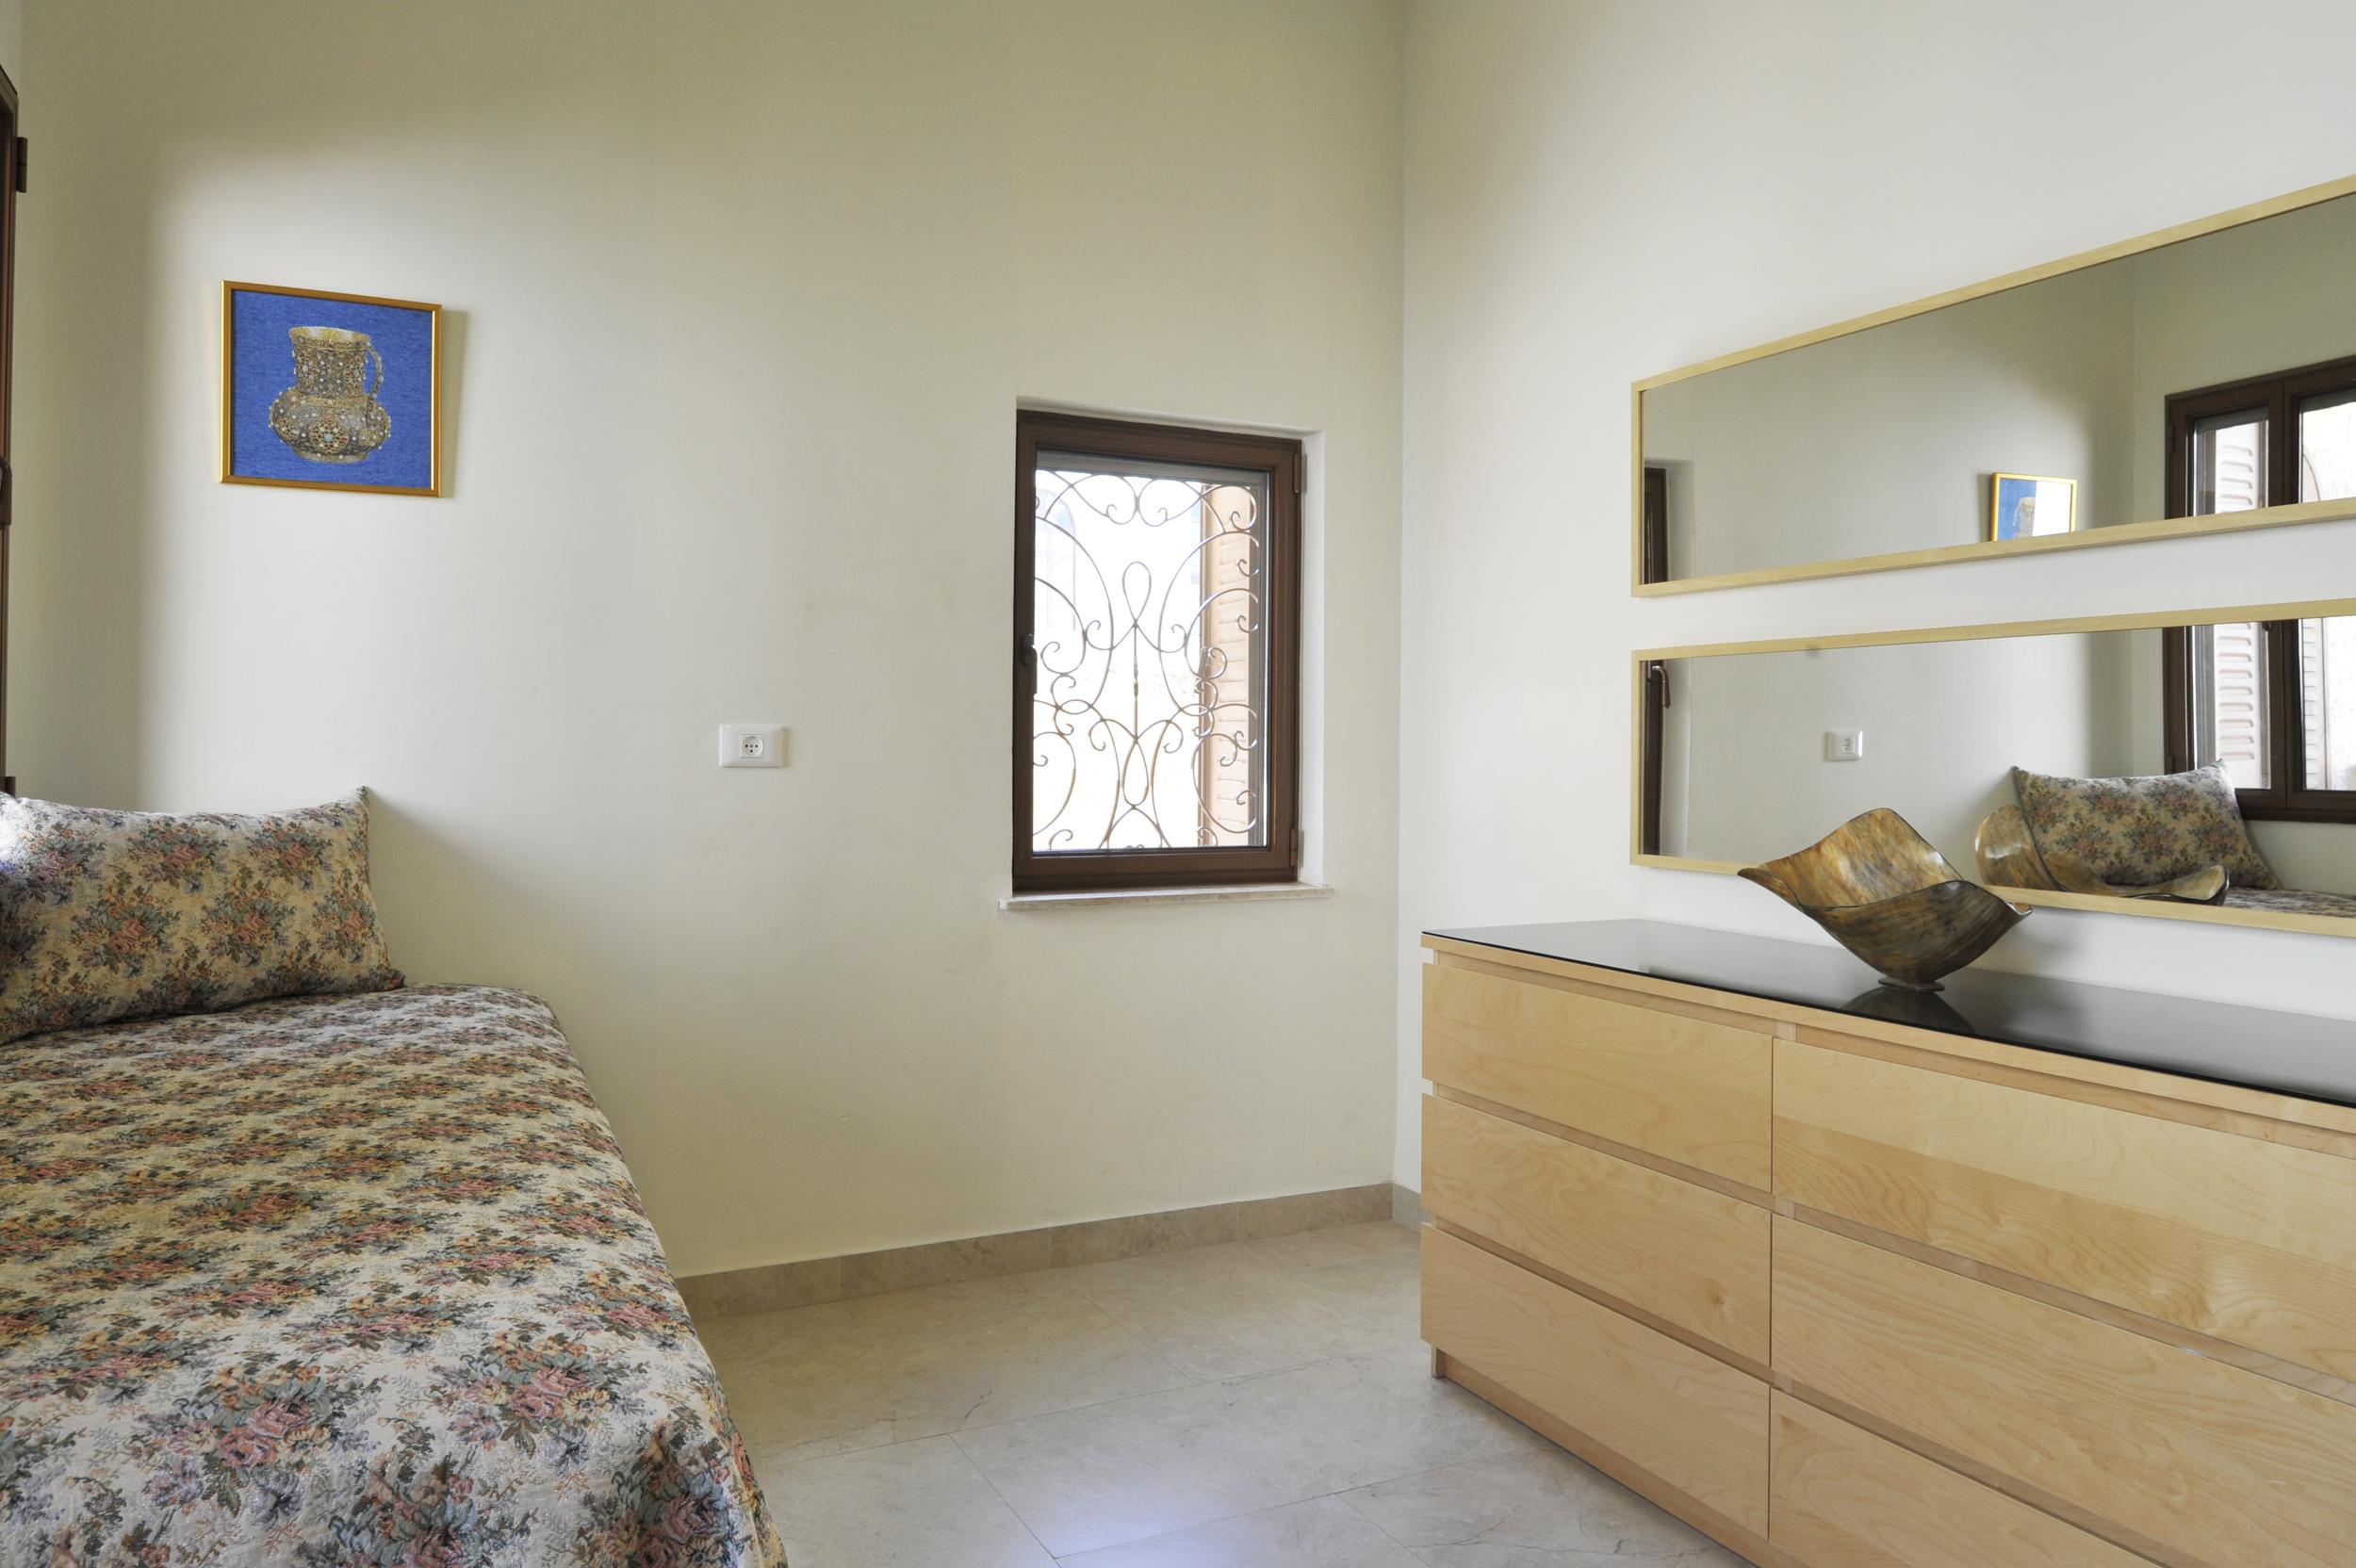 23 - Medium Bedroom.JPG